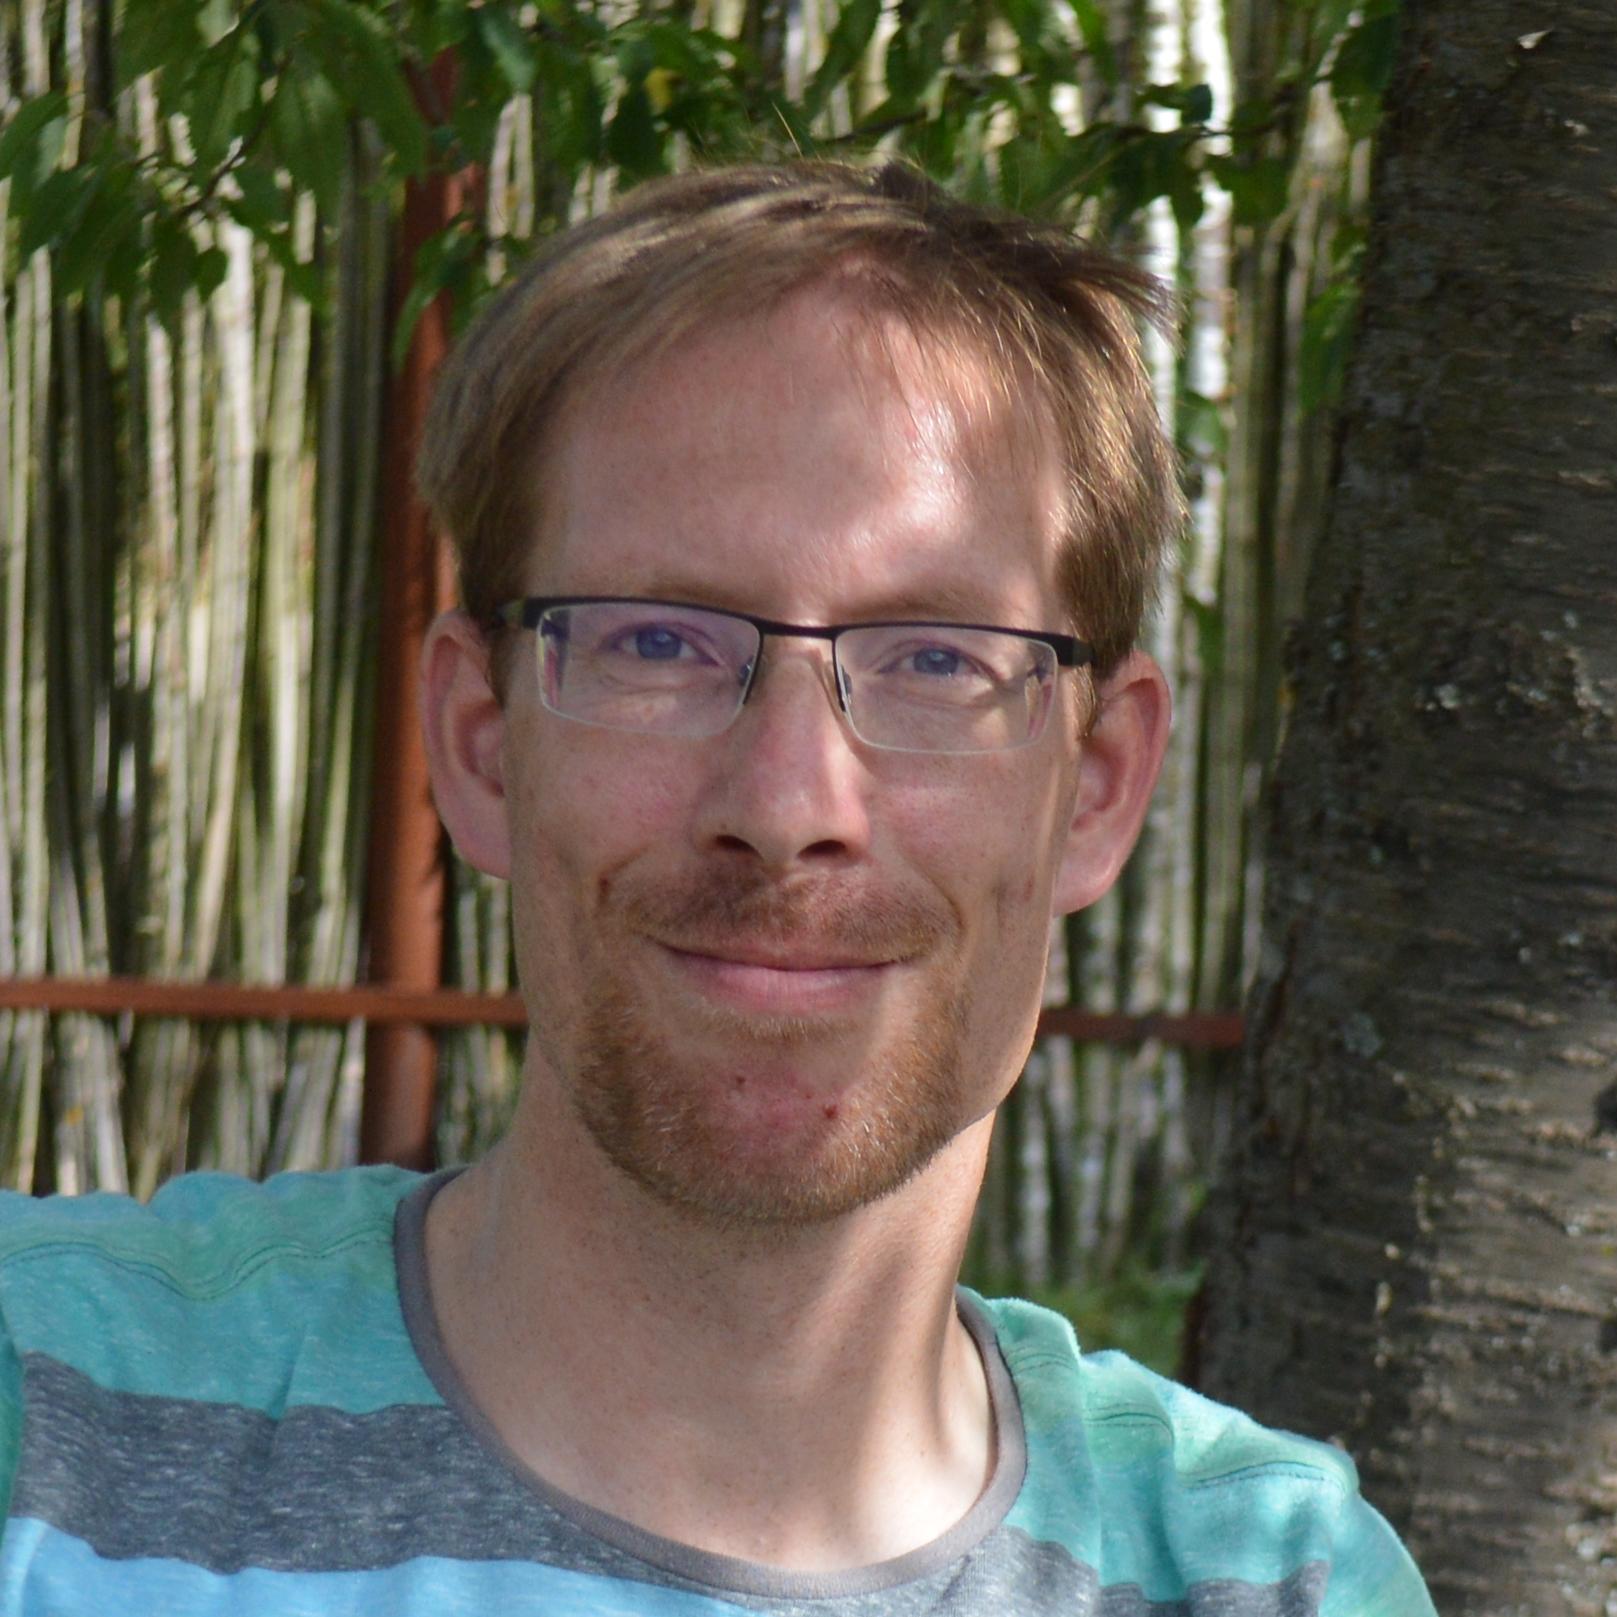 Stefan Bittner